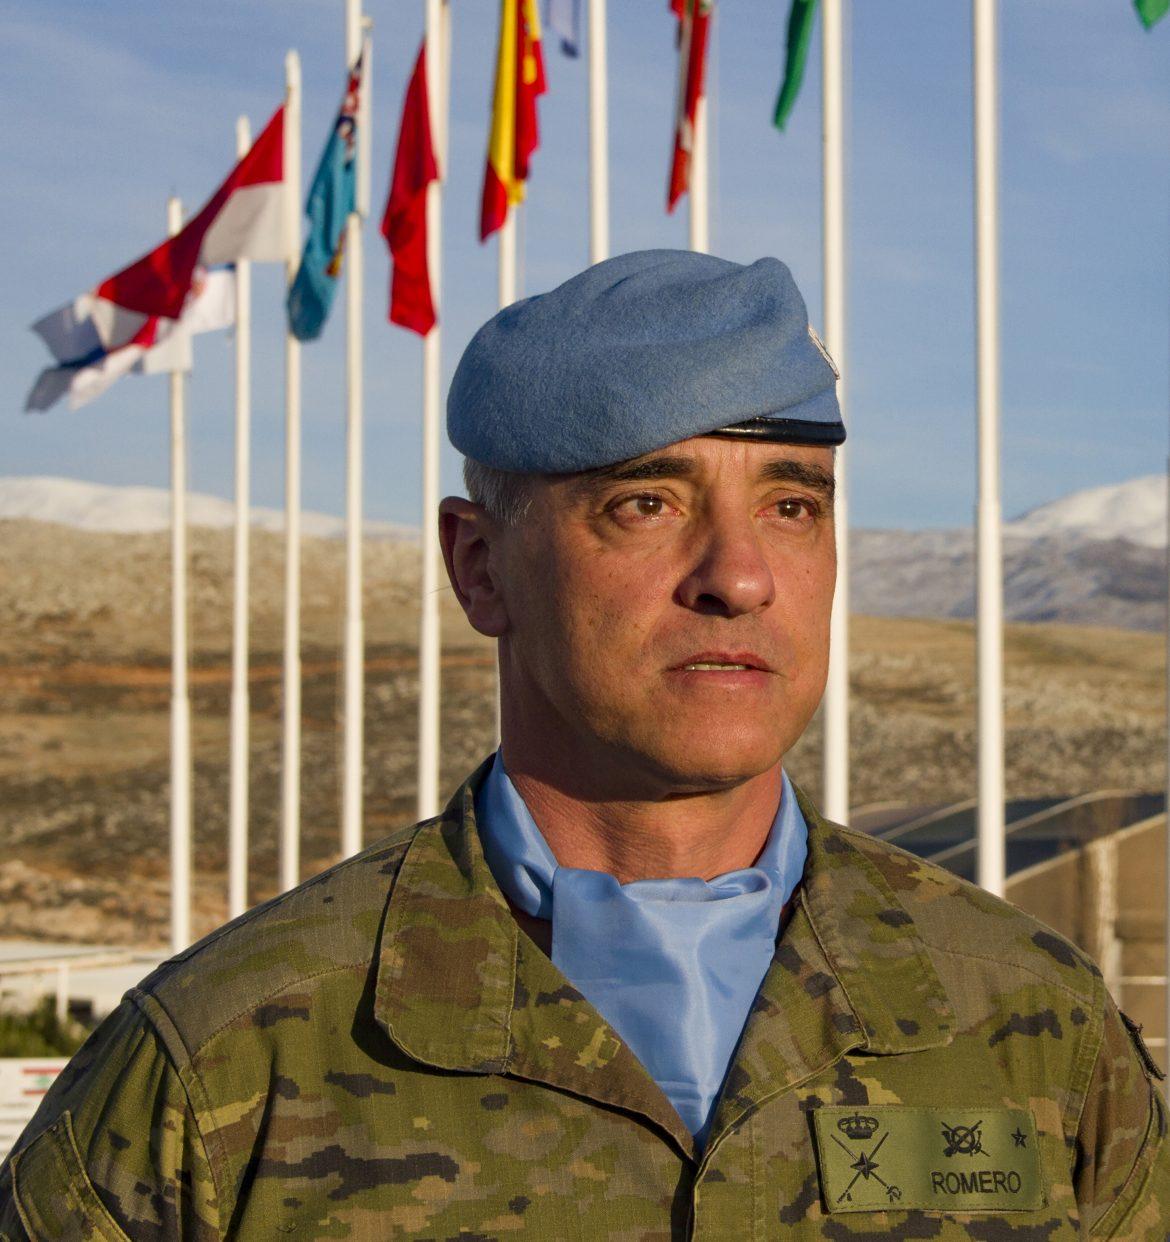 El general de Brigada Francisco Romero Marí, jefe de UNIFIL.